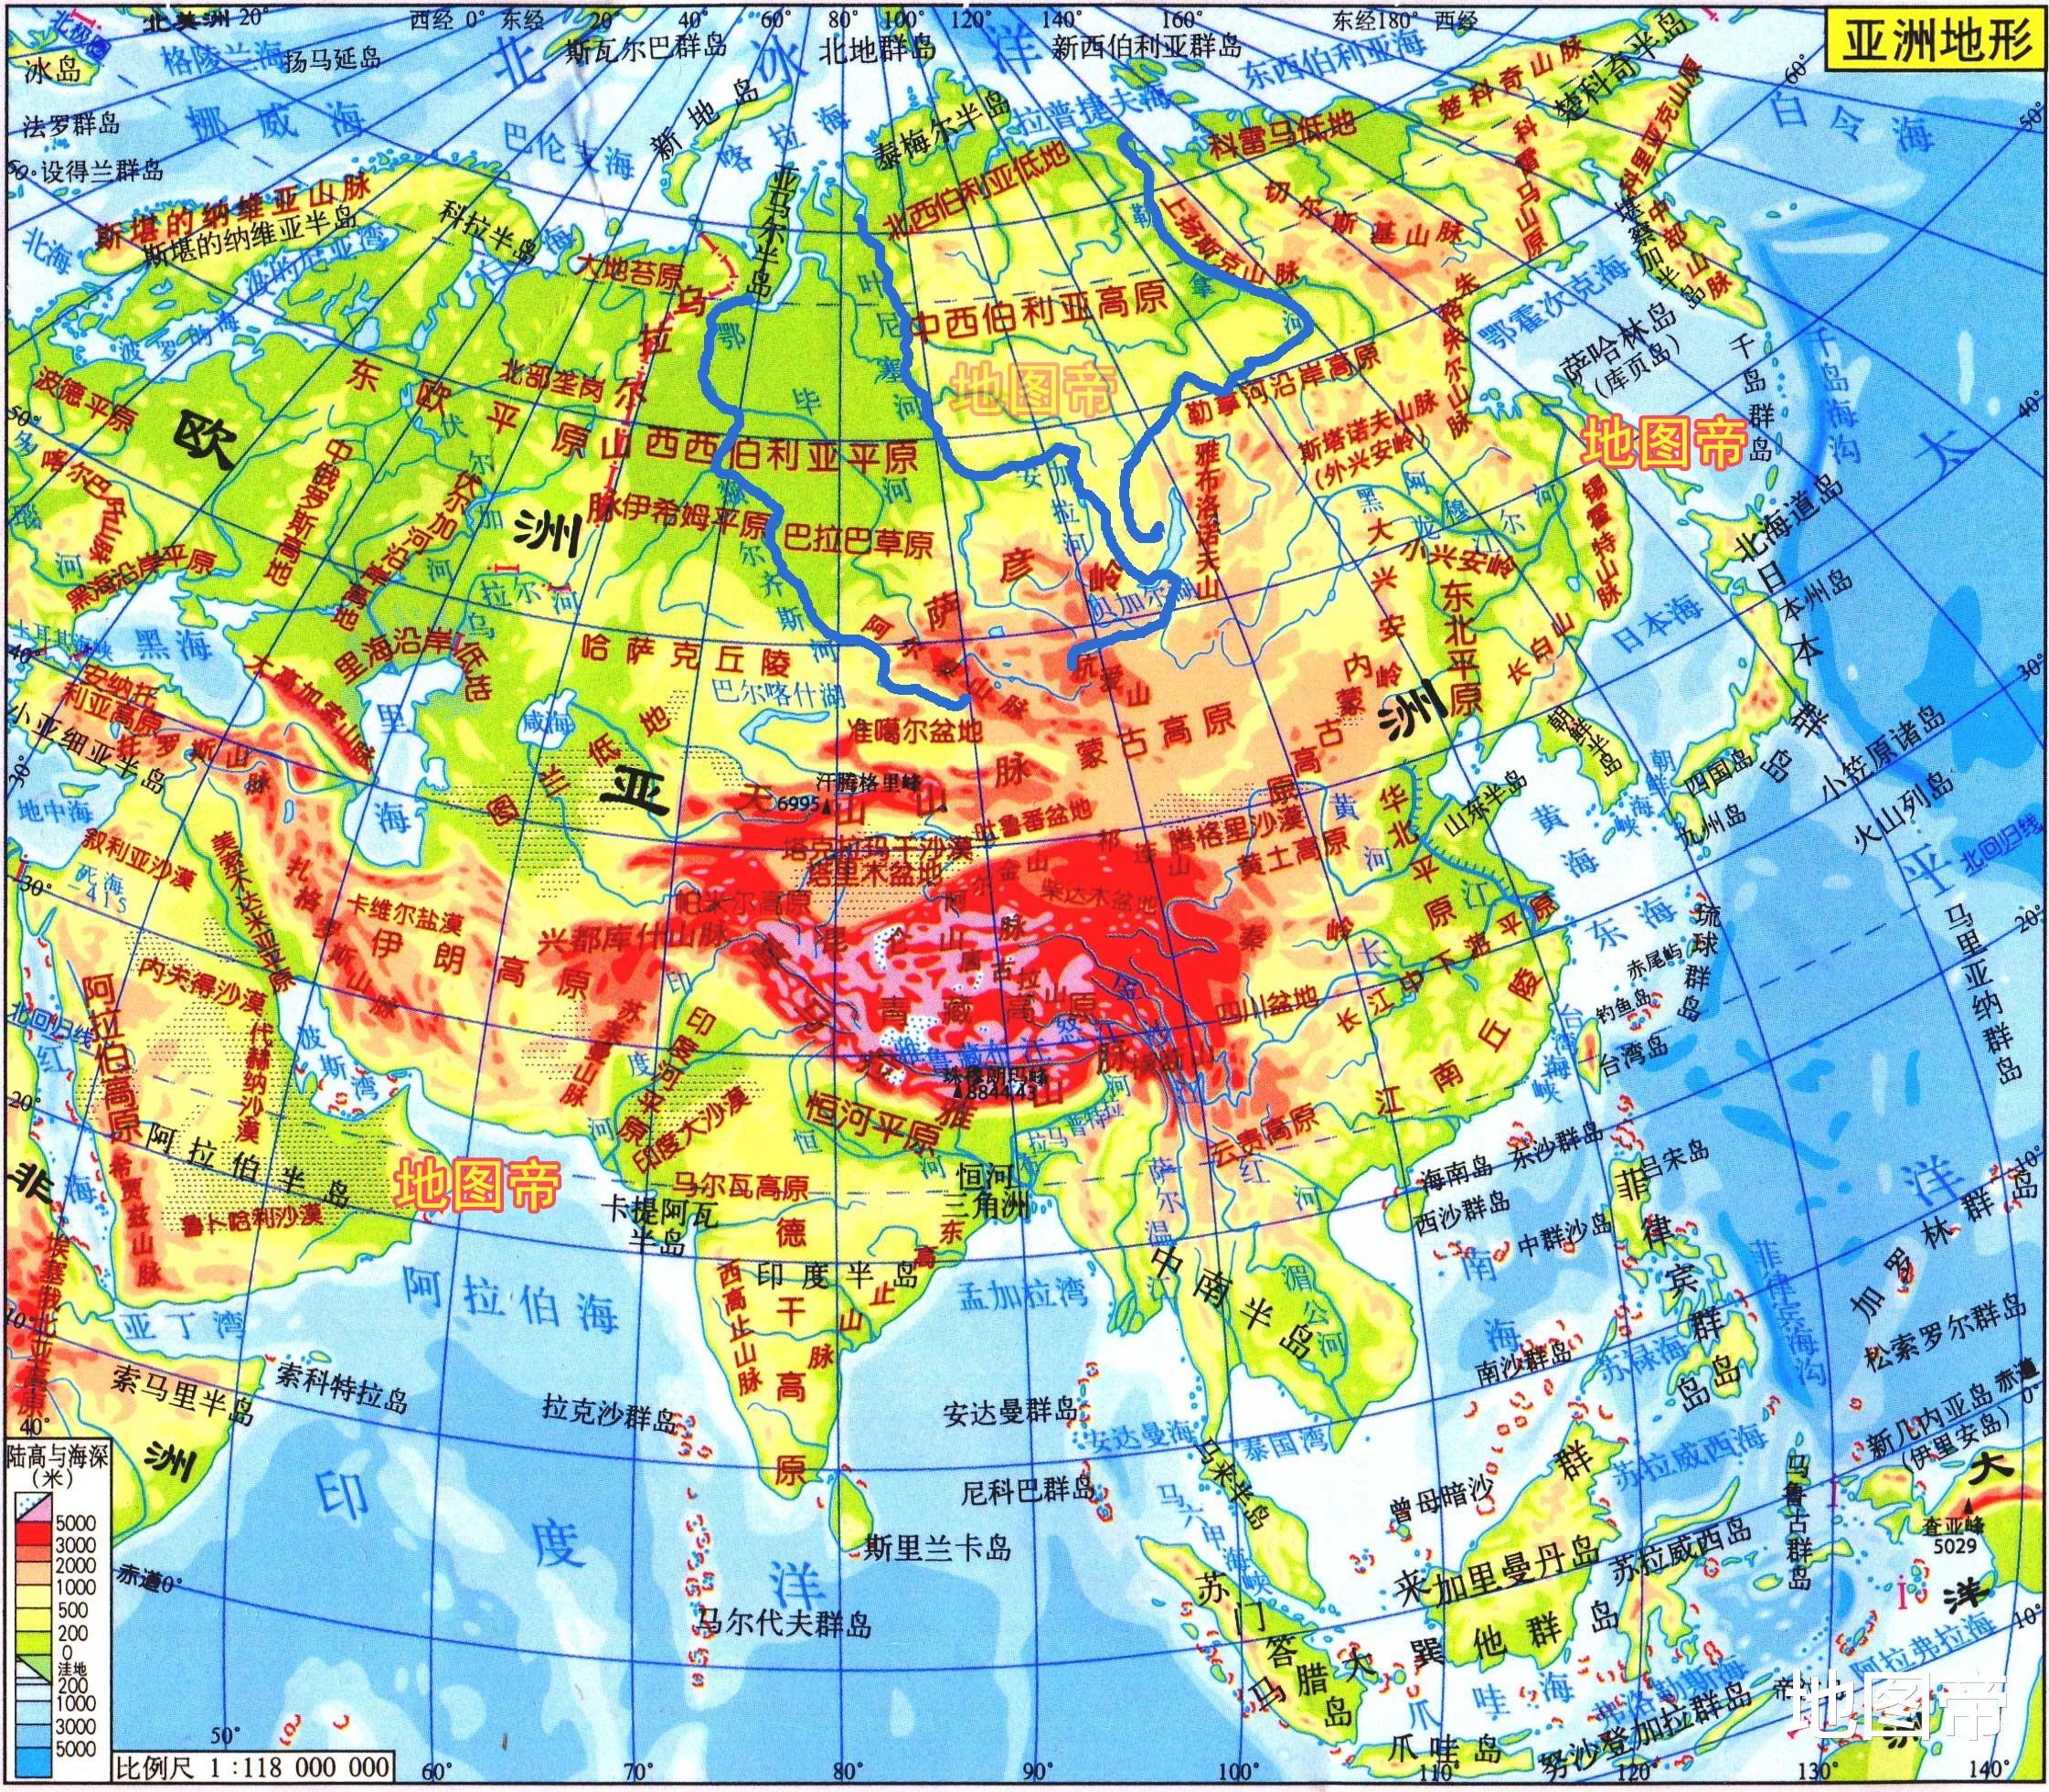 美國東西平衡發展, 俄羅斯為何不搞東部大開發?-圖2